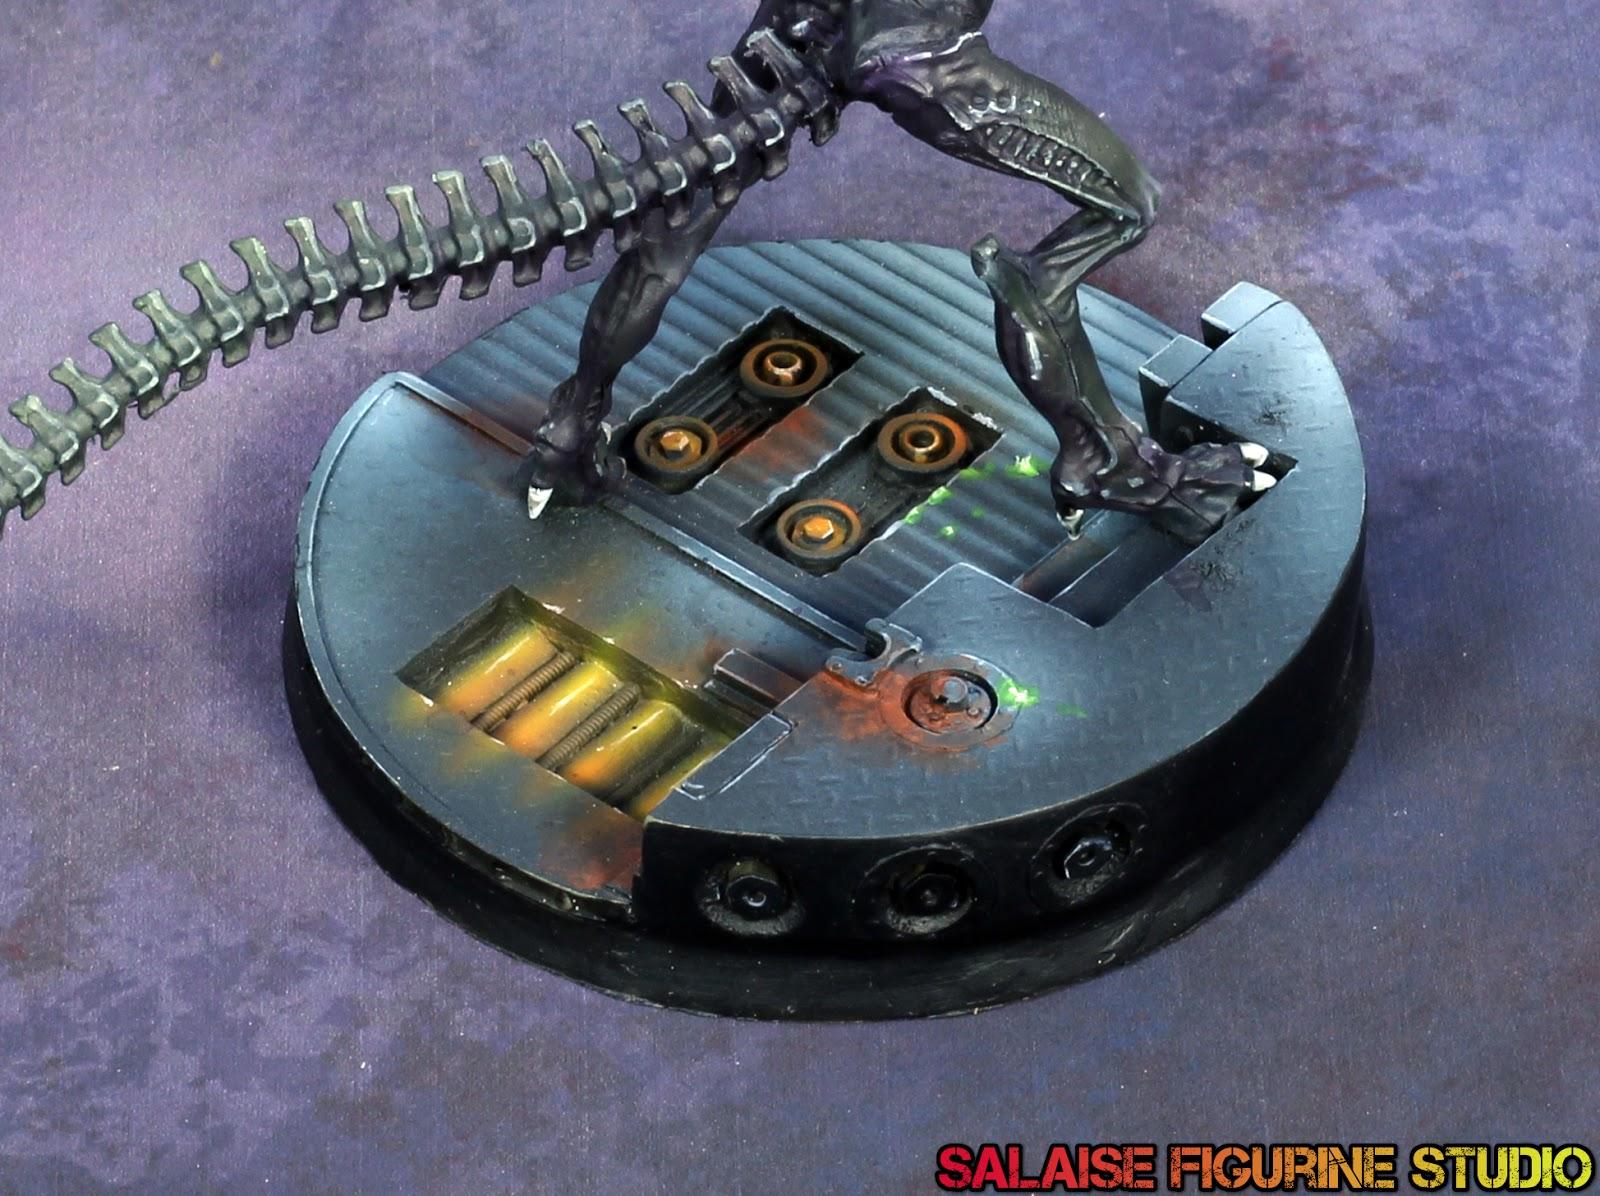 Aliens versus Predator est un jeu de tir à la première personne sur PC. Il propose d'incarner un Marine, un  Alien ou un Predator, chaque race ayant ses points faibles et ses points forts.